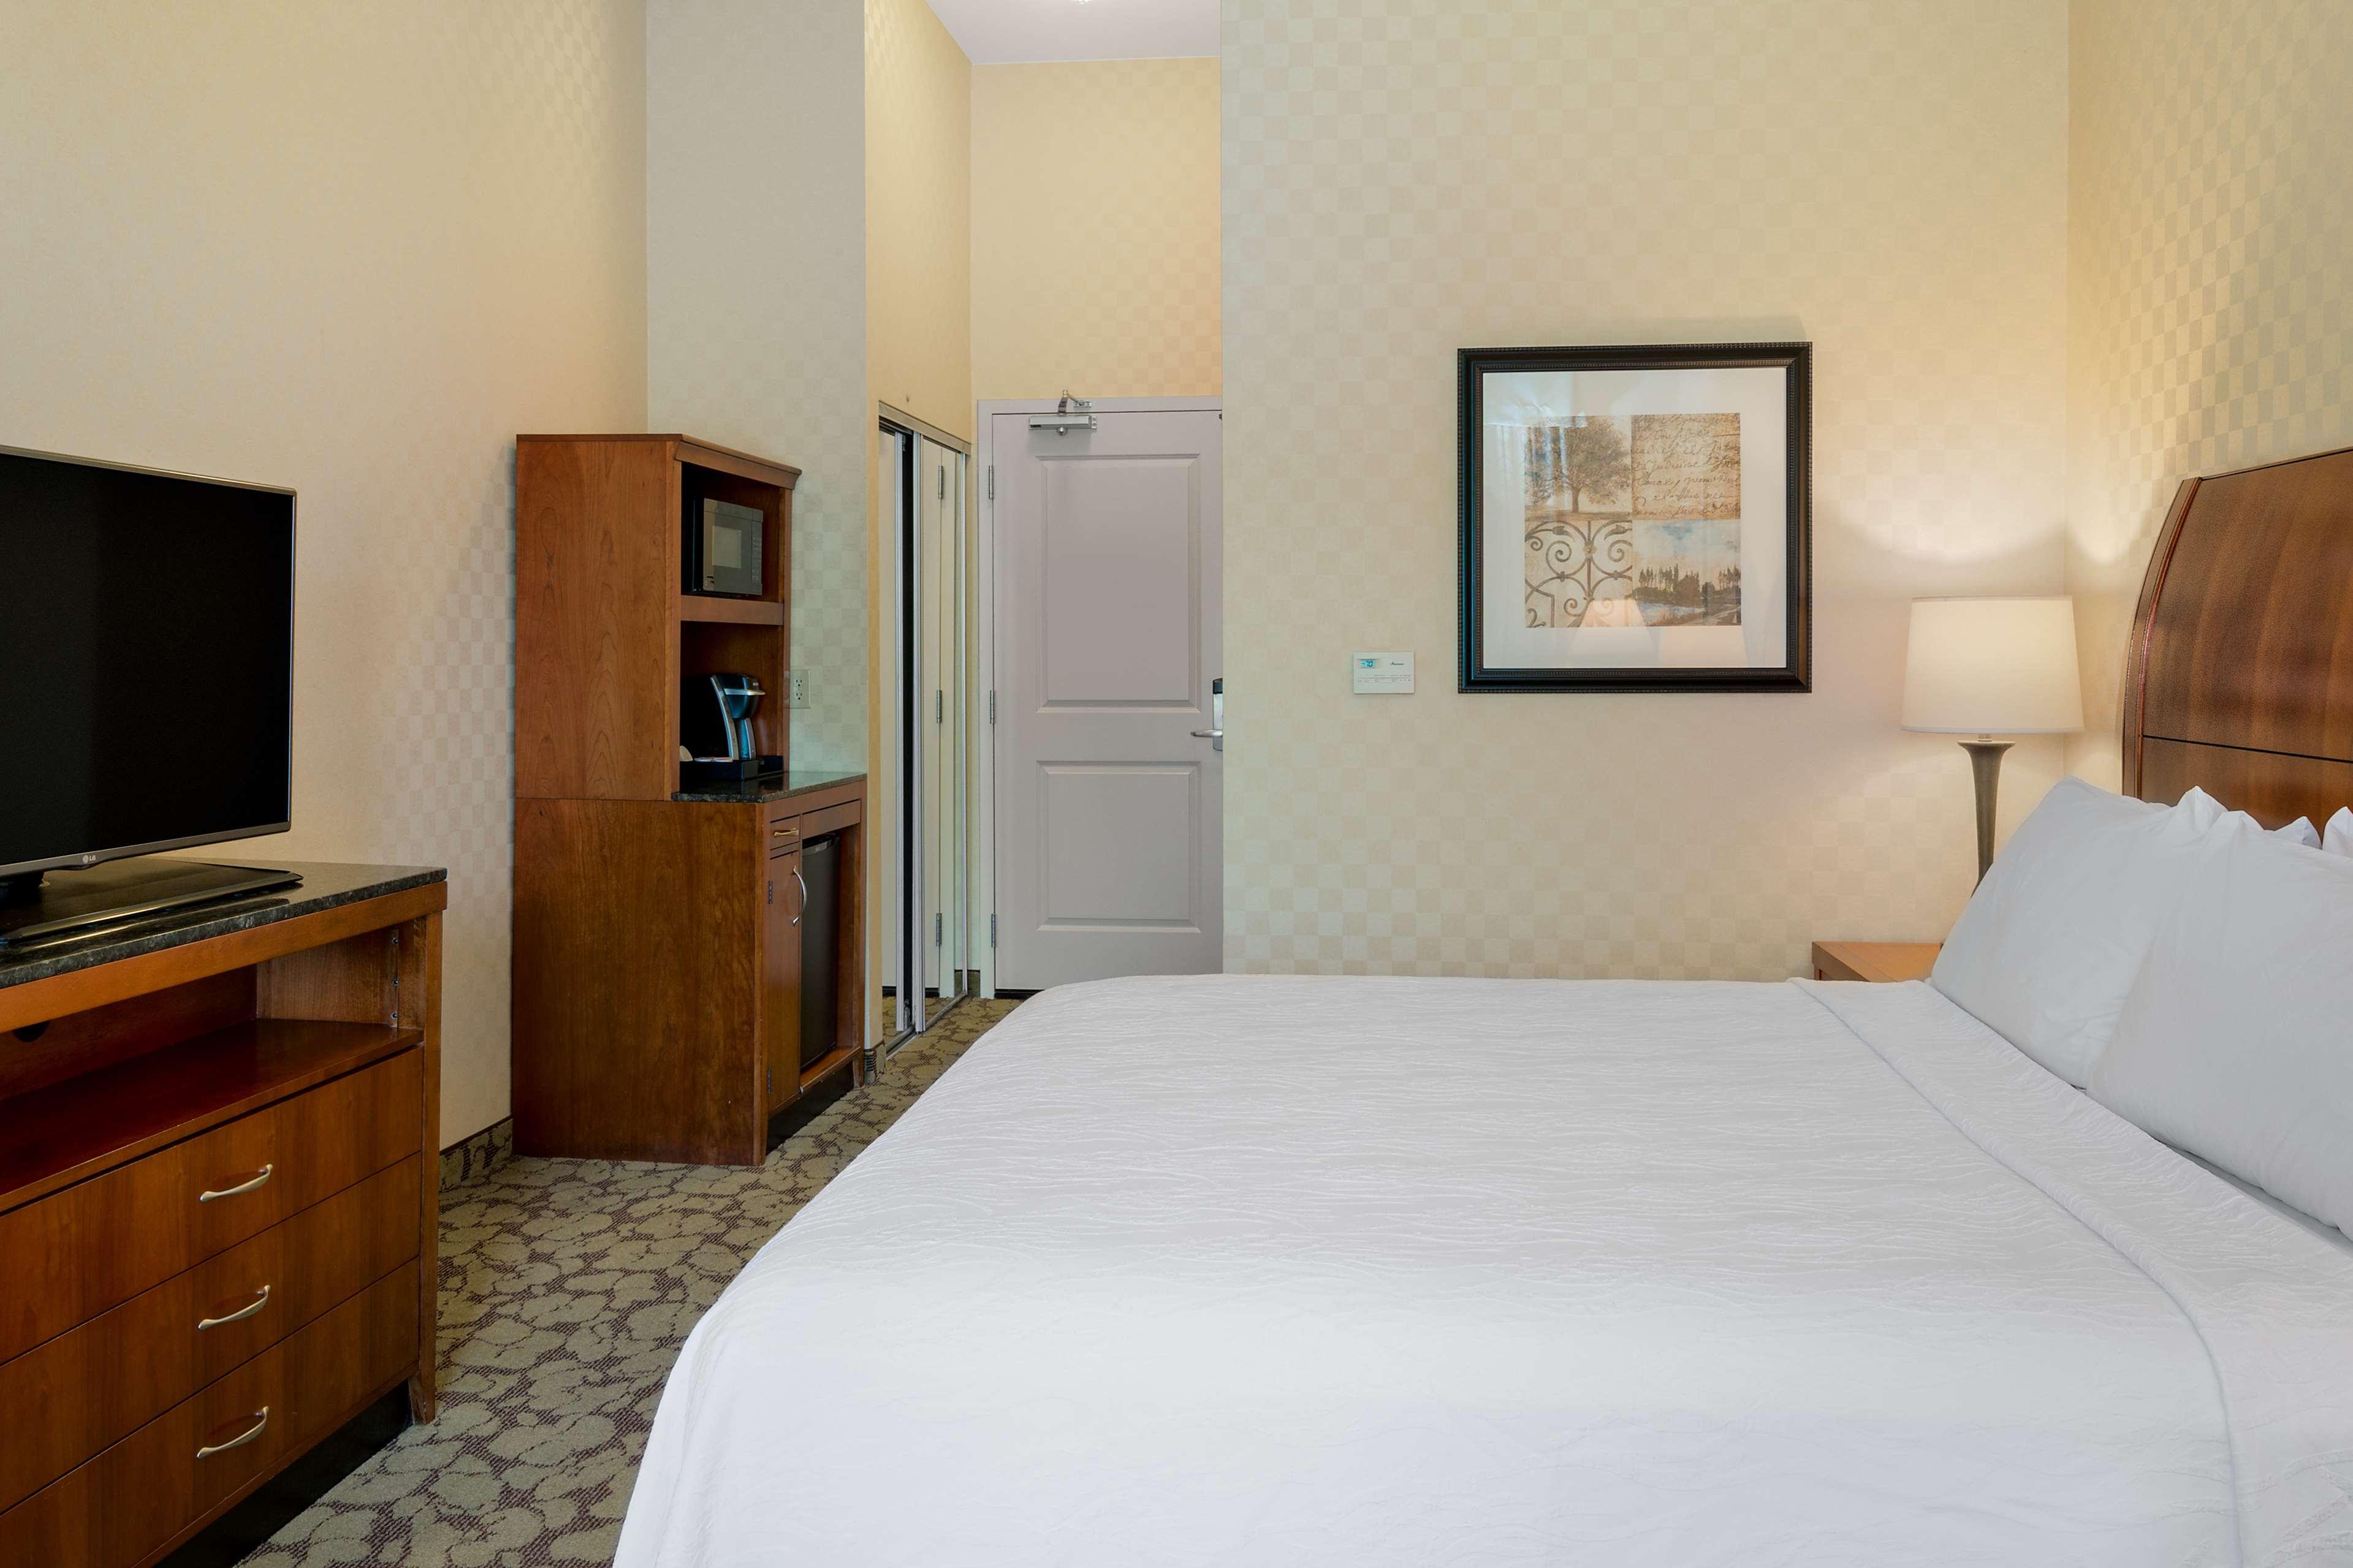 Hilton Garden Inn Sacramento Elk Grove image 29